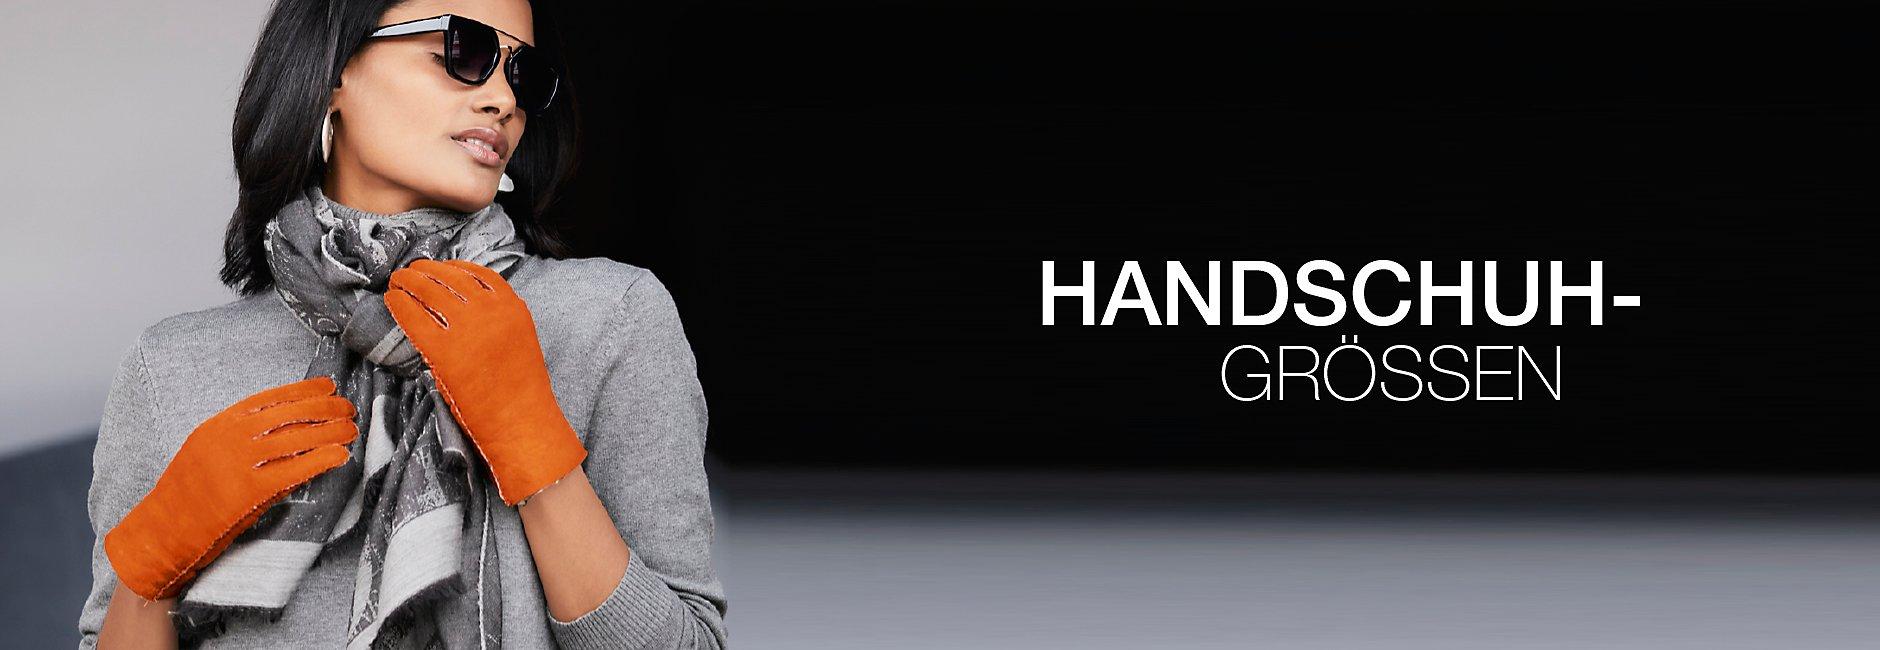 Handschuhgroessen